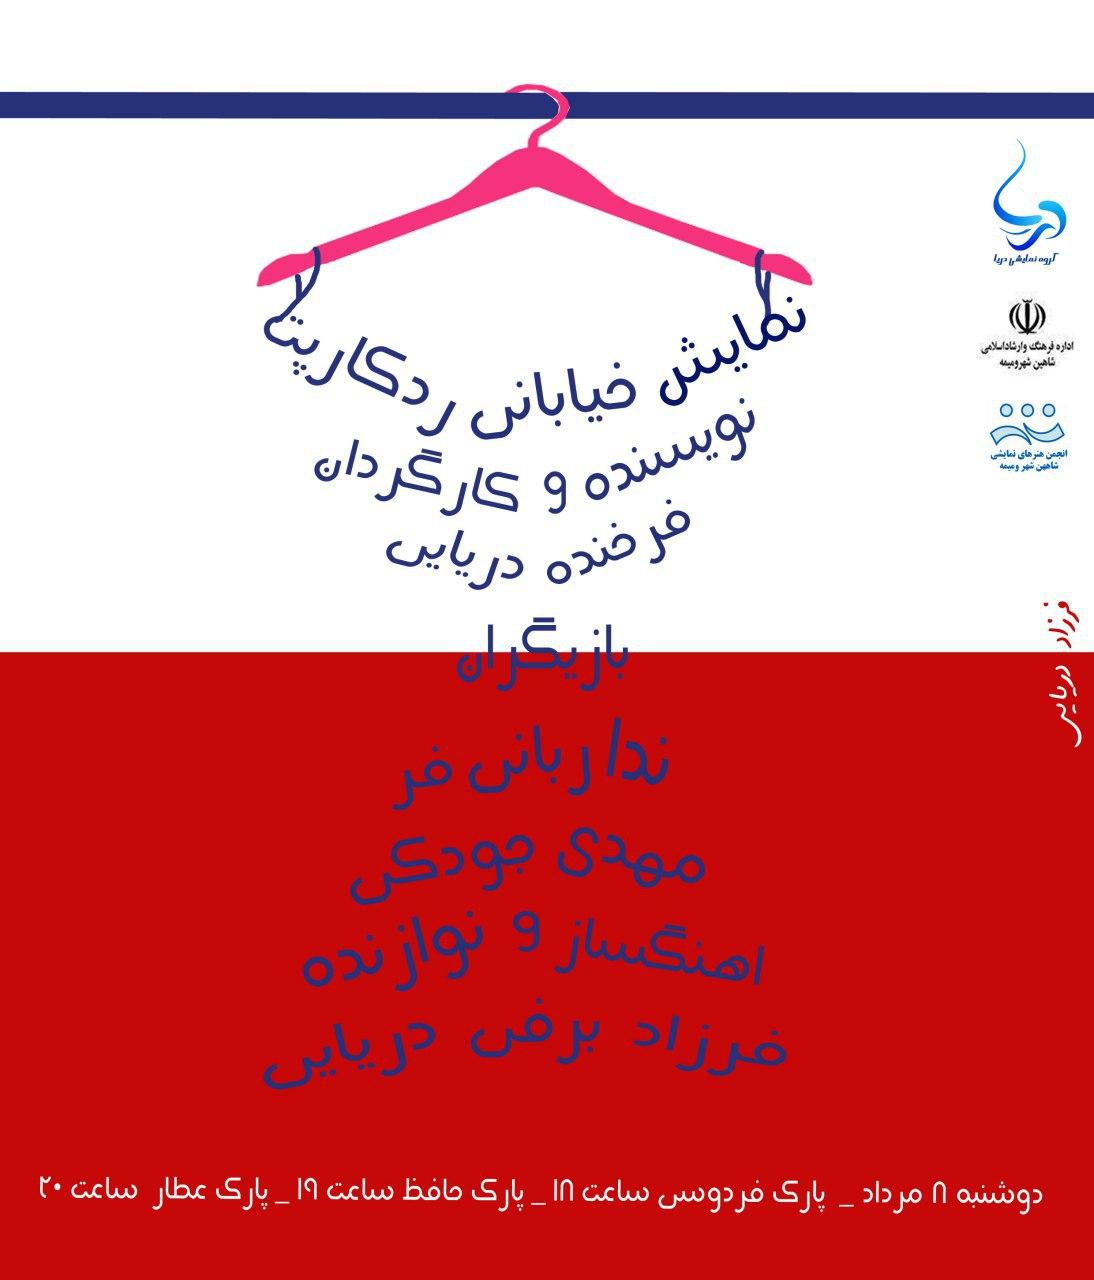 """نمایش خیابانی """" ردکارپت"""" در پارک های شهر اصفهان"""